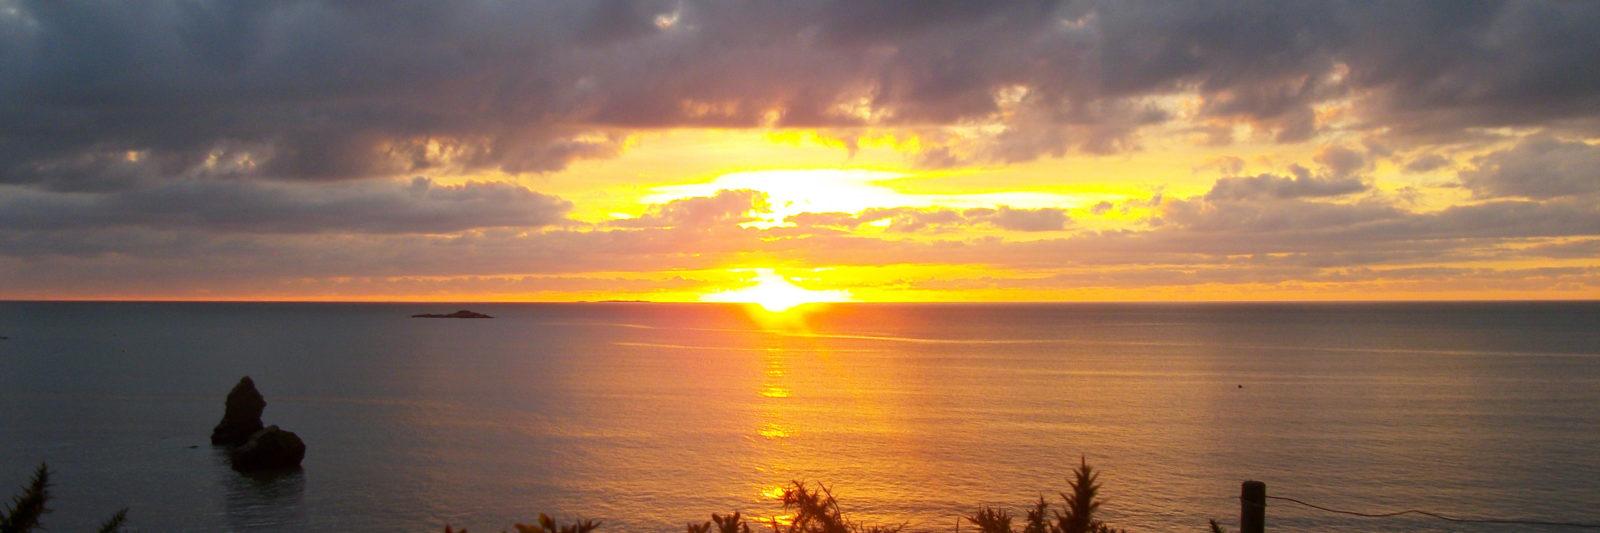 Couché de soleil sur la plage de la mine d'or